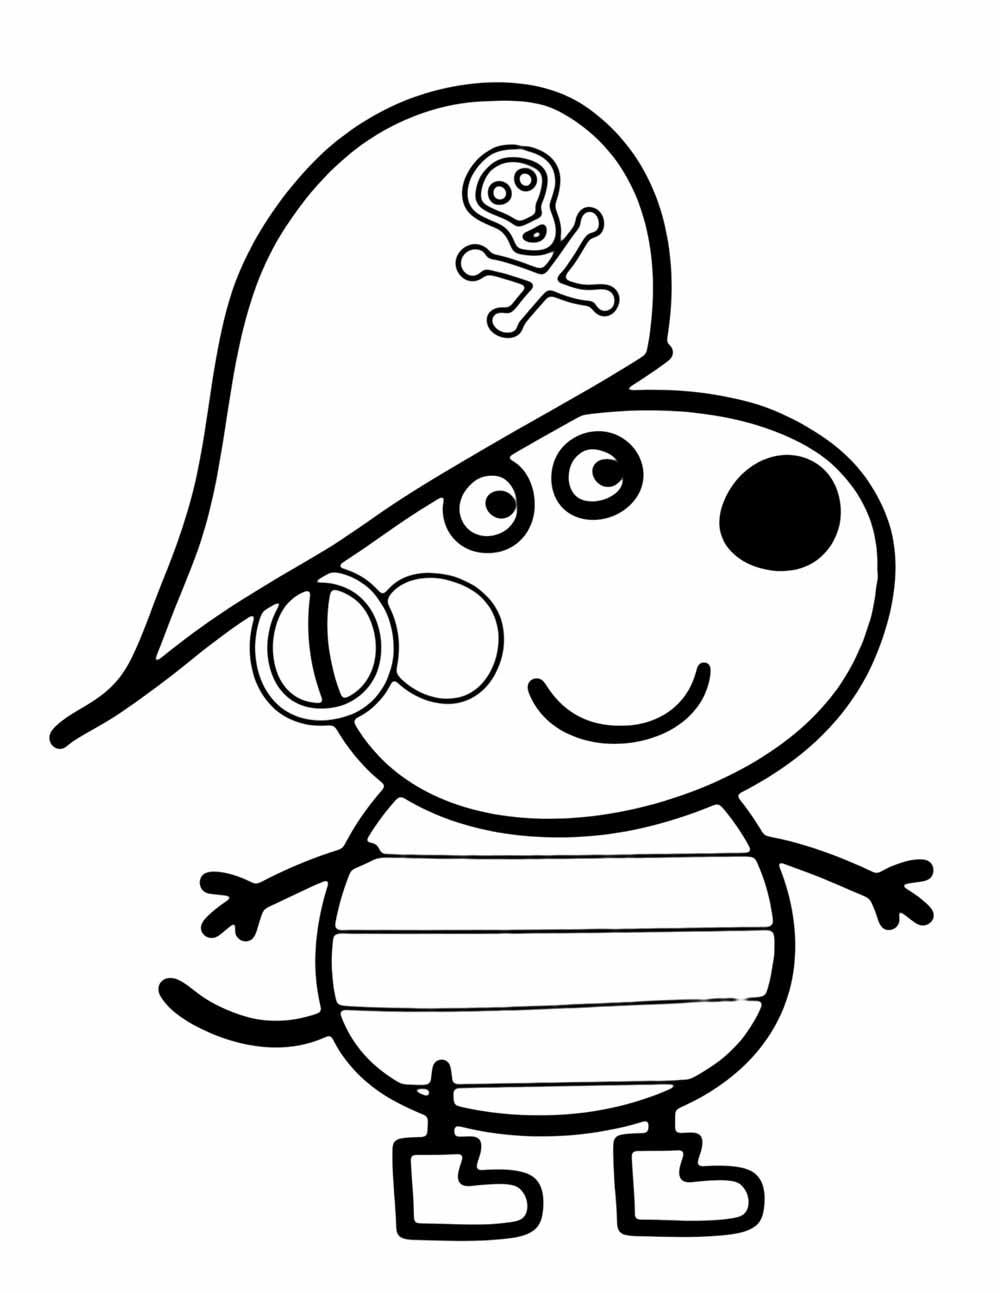 george-pig-disfrazado-de-pirata-para-colorear-e-imprimir - Dibujos De